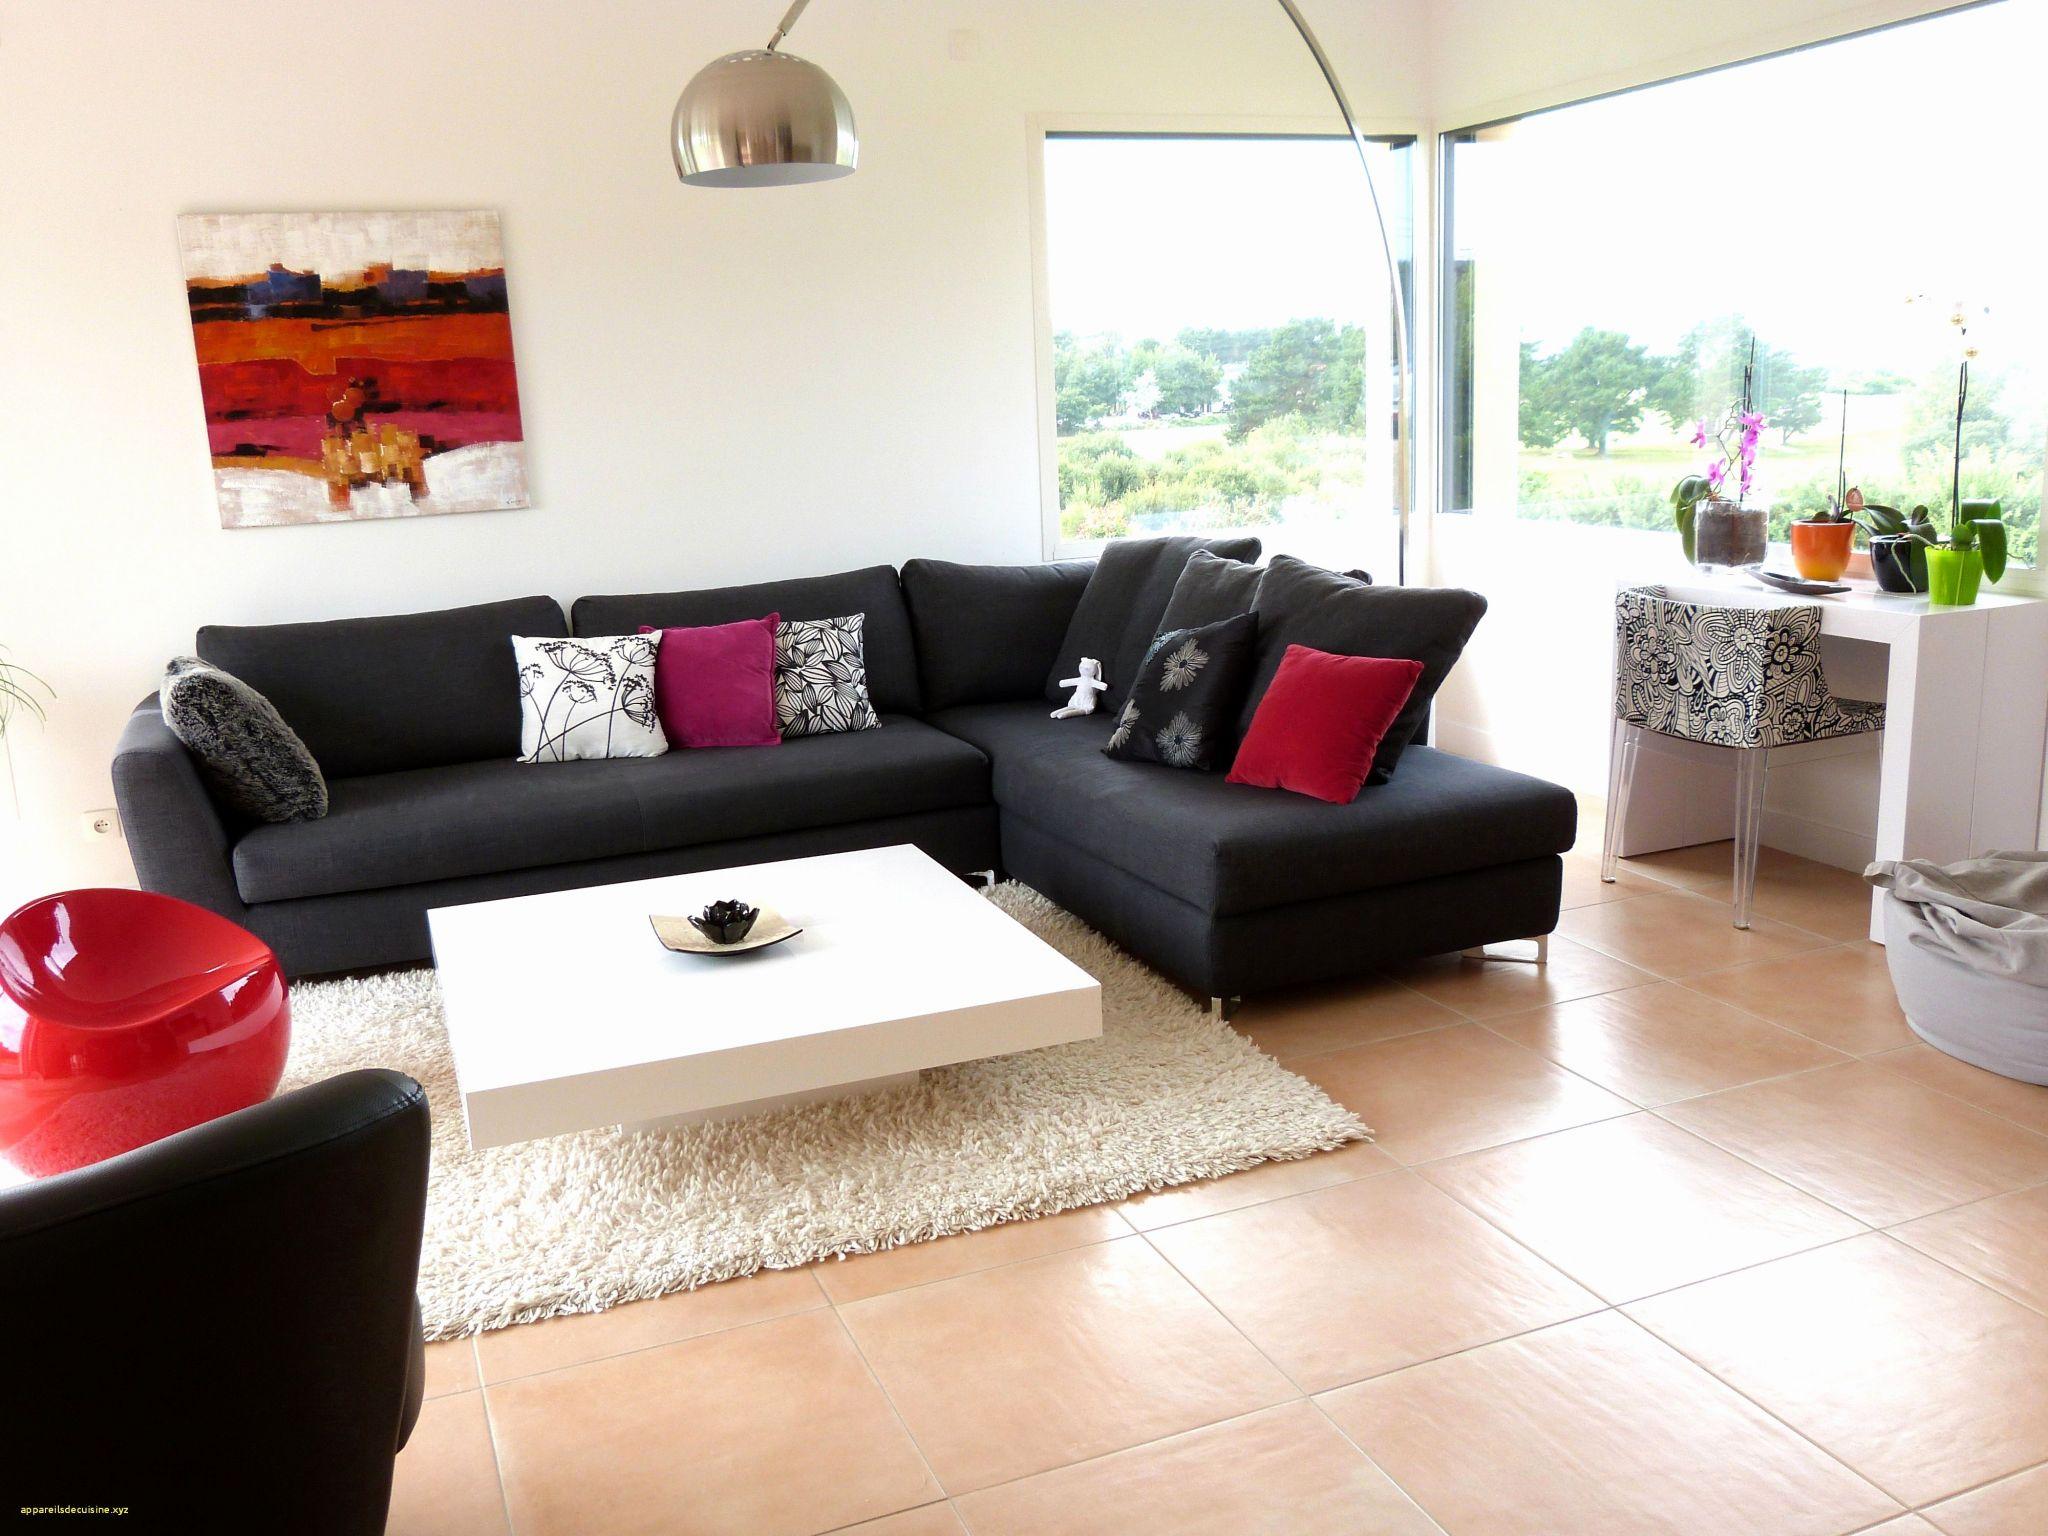 salon de jardin plet ainsi que meuble bas salon but beau s meuble bas salon frais 15 elegant de salon de jardin plet